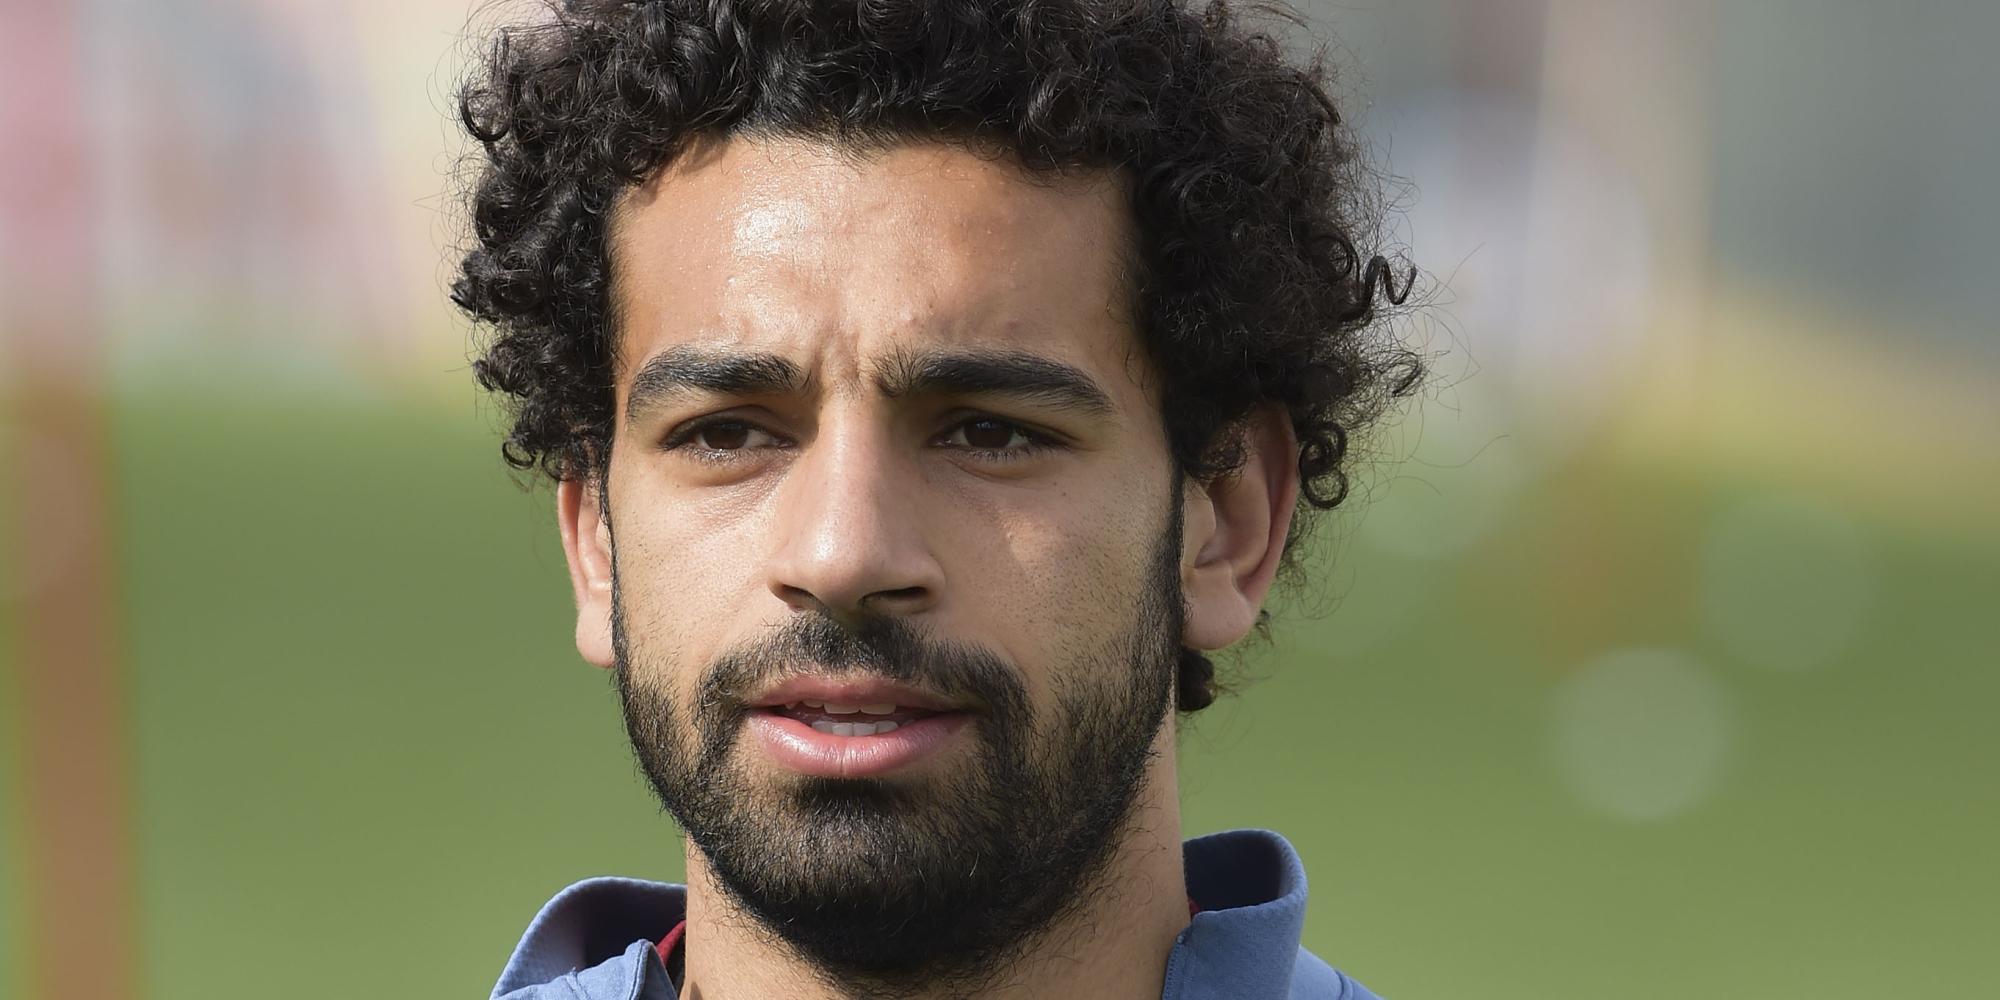 محمد صلاح ينأى بنفسه عن قضية ريجيني ومدير نادي روما يُسعفه بحيلة